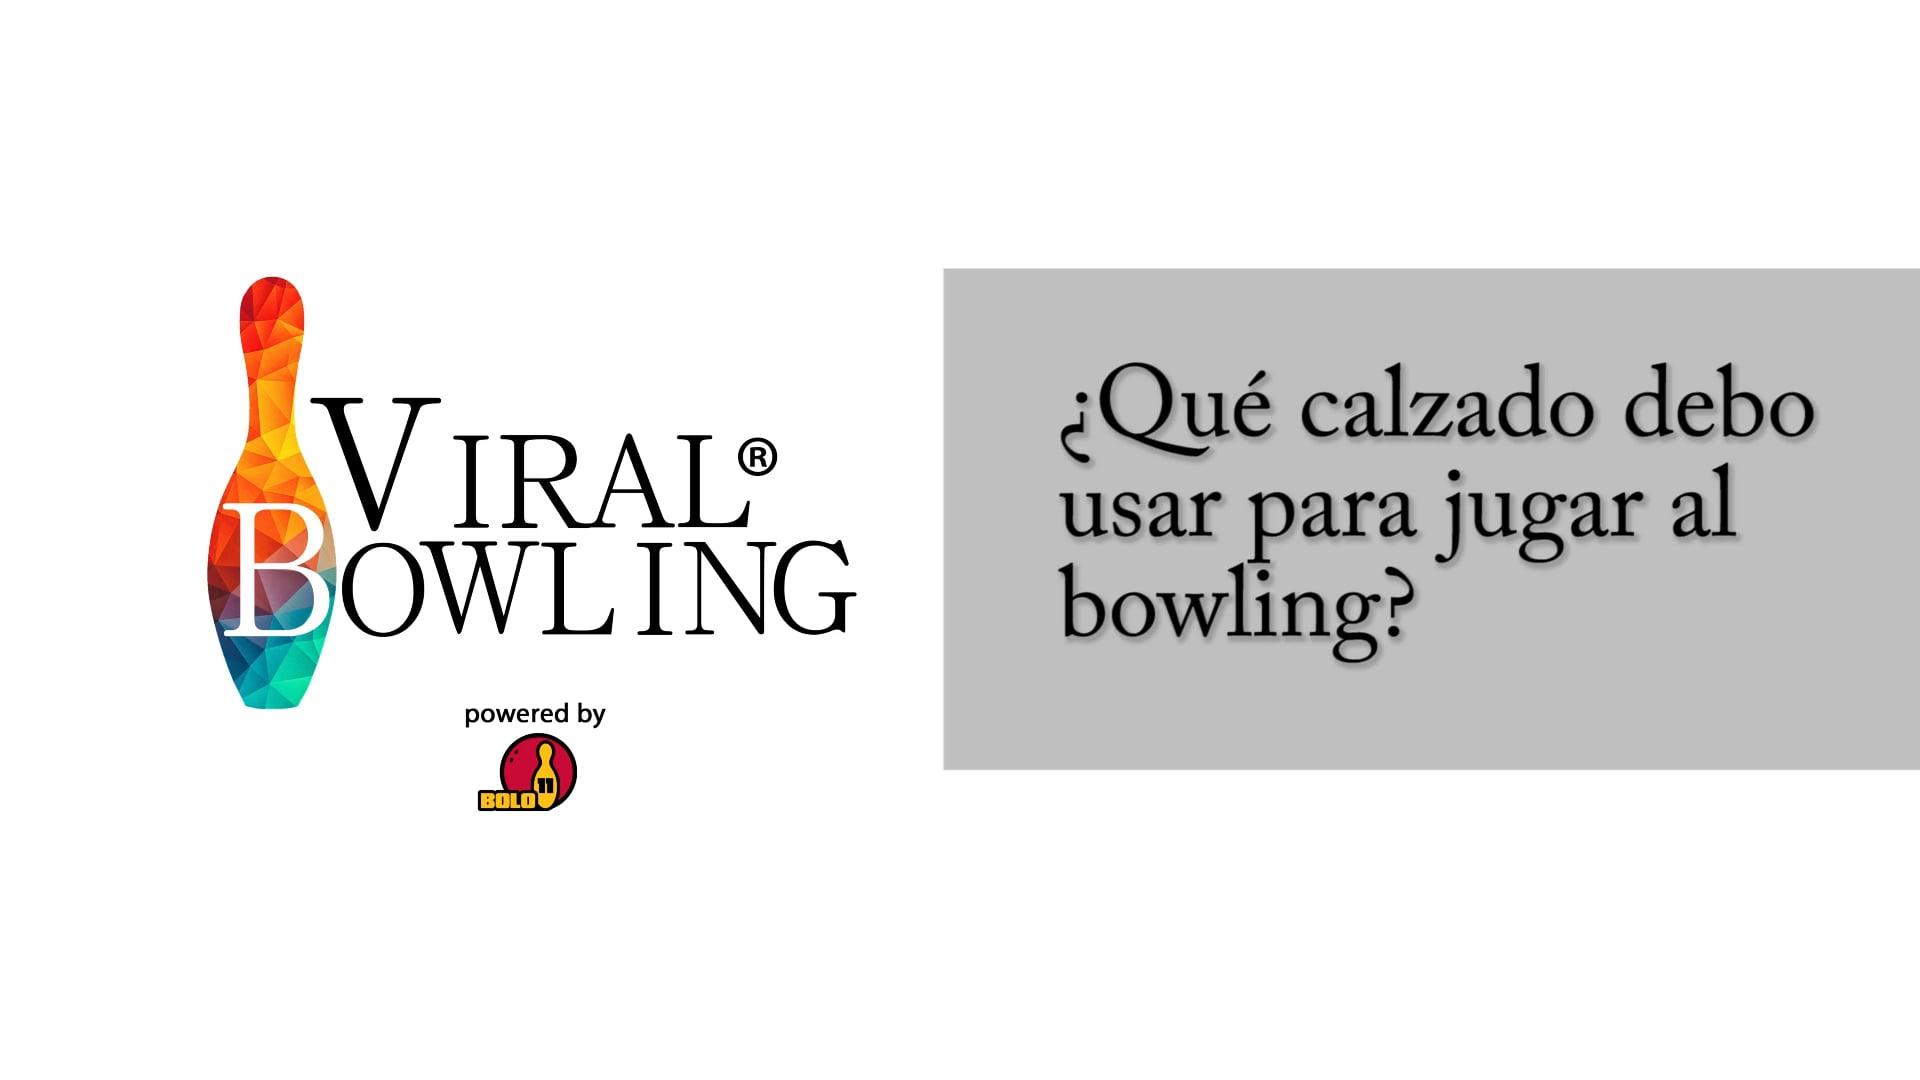 #ViralBowling: El calzado adecuado para jugar al bowling